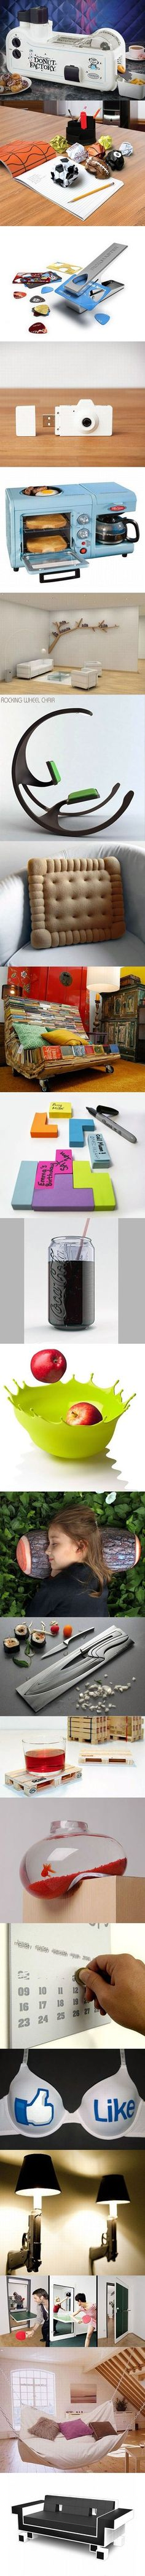 I need so many of these!!